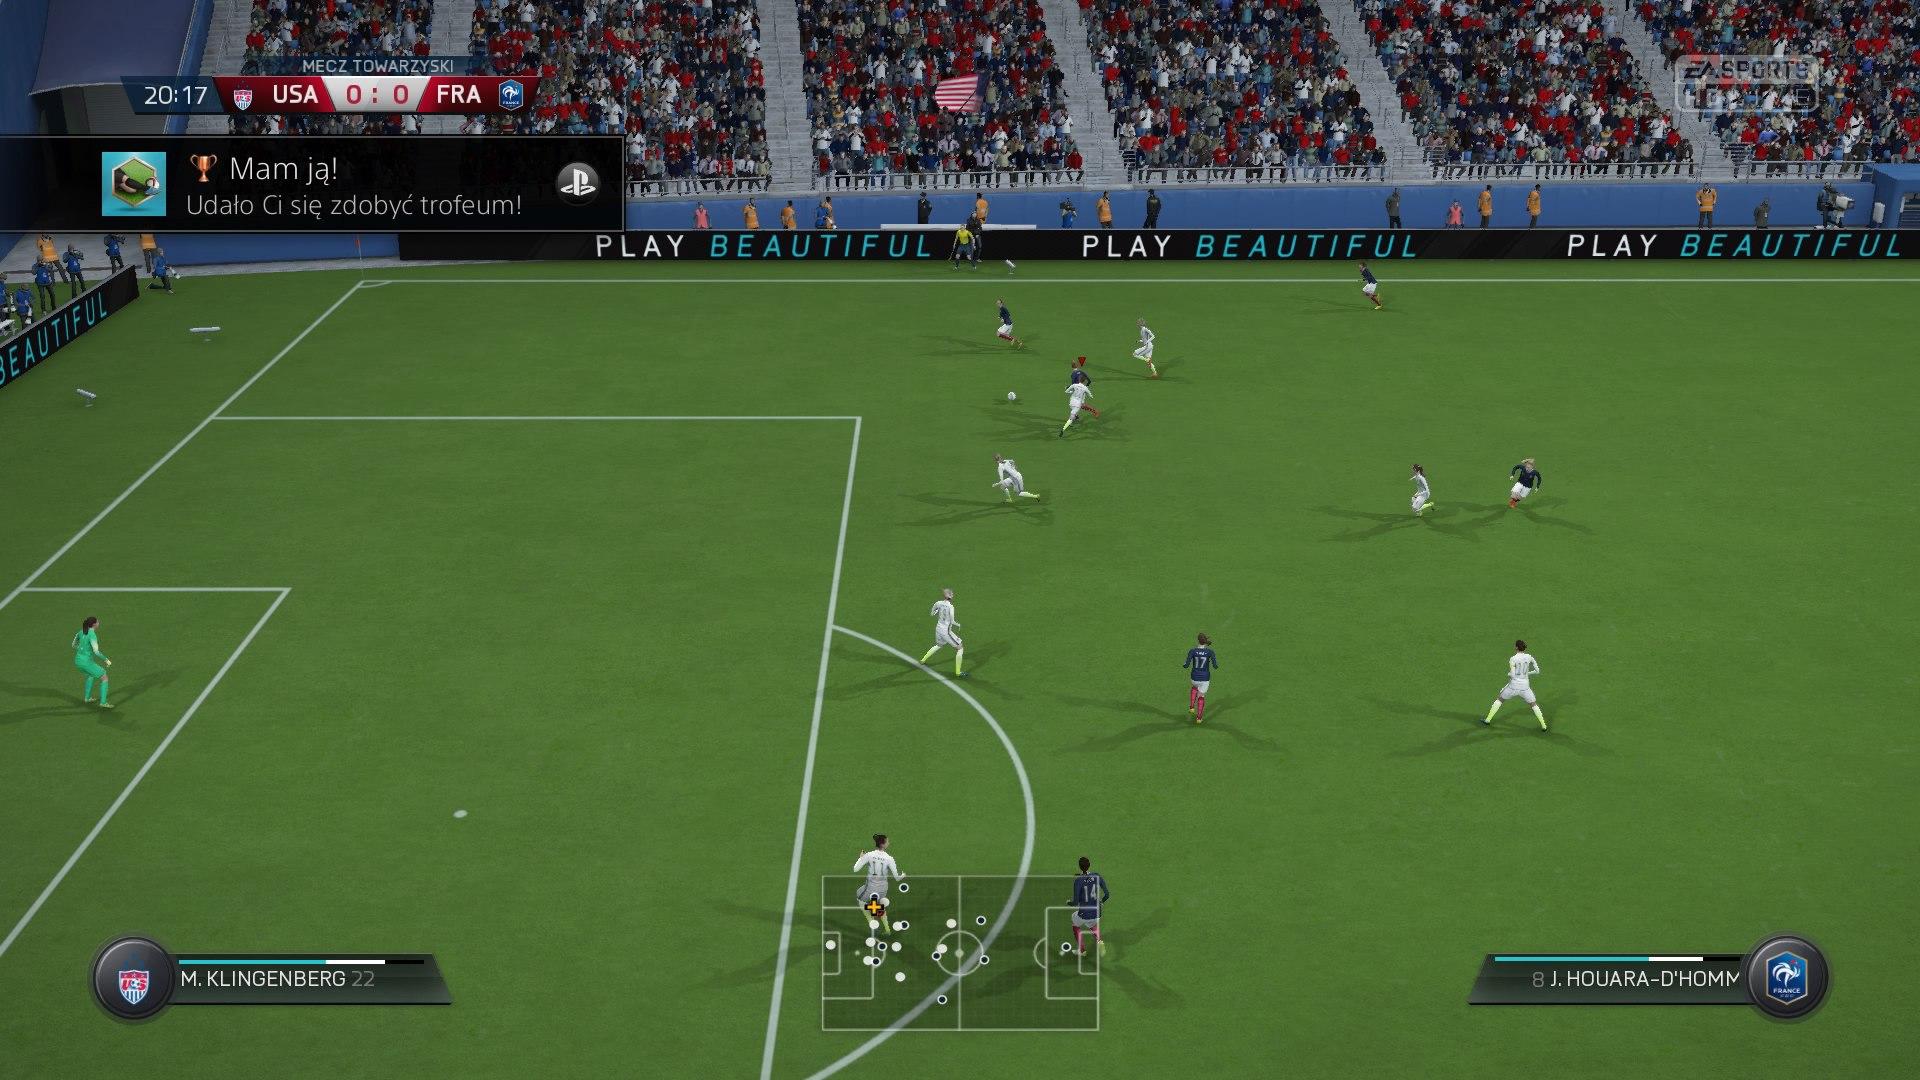 FIFA 16 Szybki mecz 0:0 USA — FRA, 1. poł.